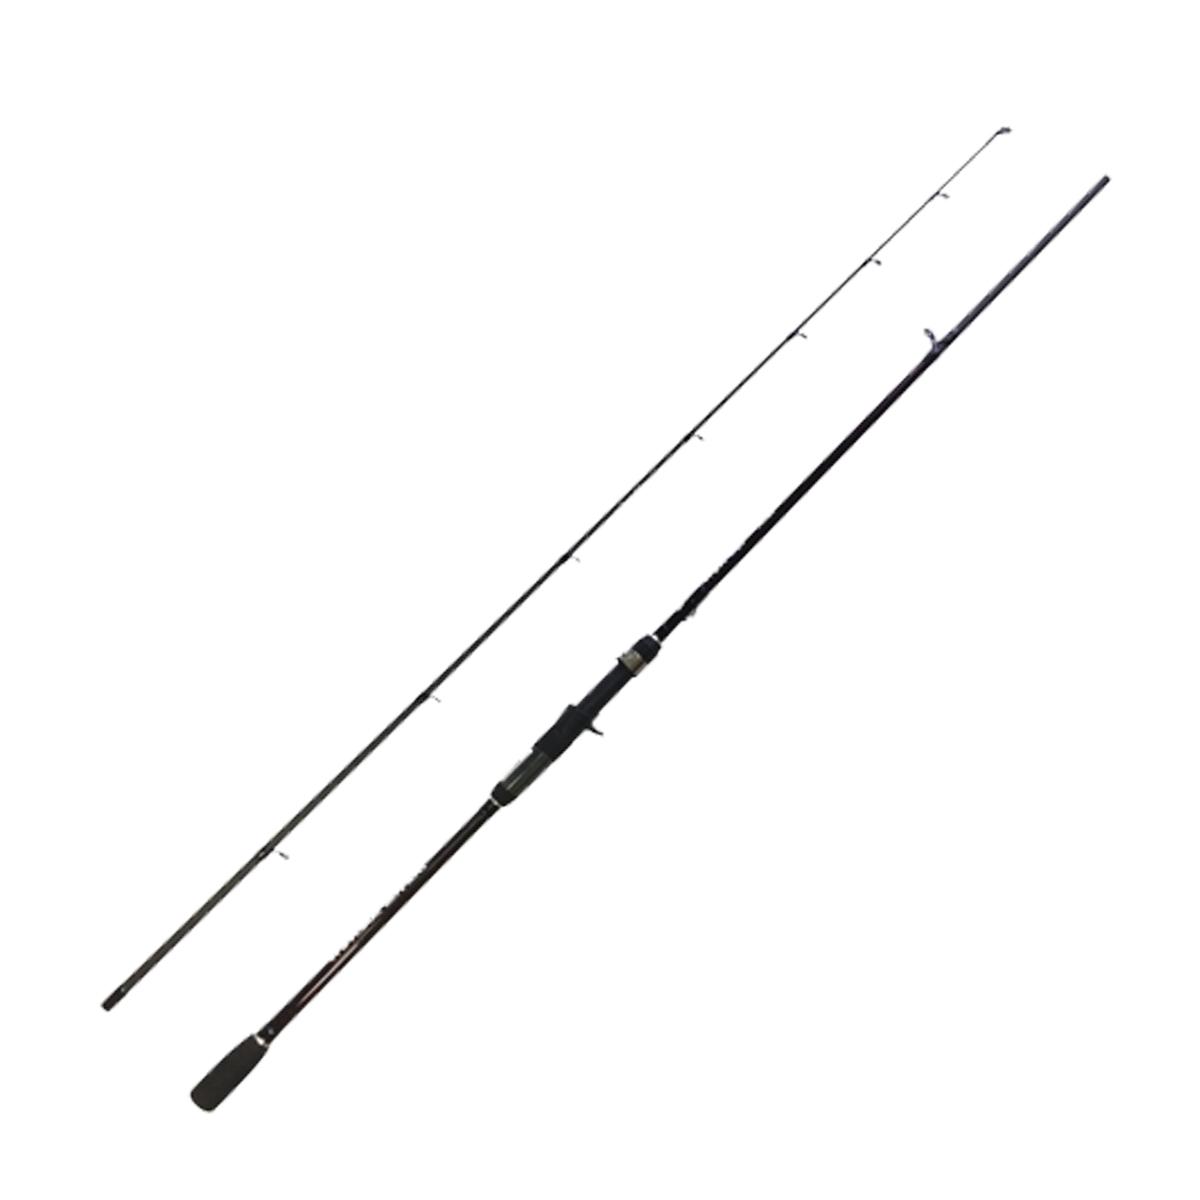 Vara Albatroz Albacora p/ Carretilha 2,70 m 50 lbs (2 partes)  - Pró Pesca Shop